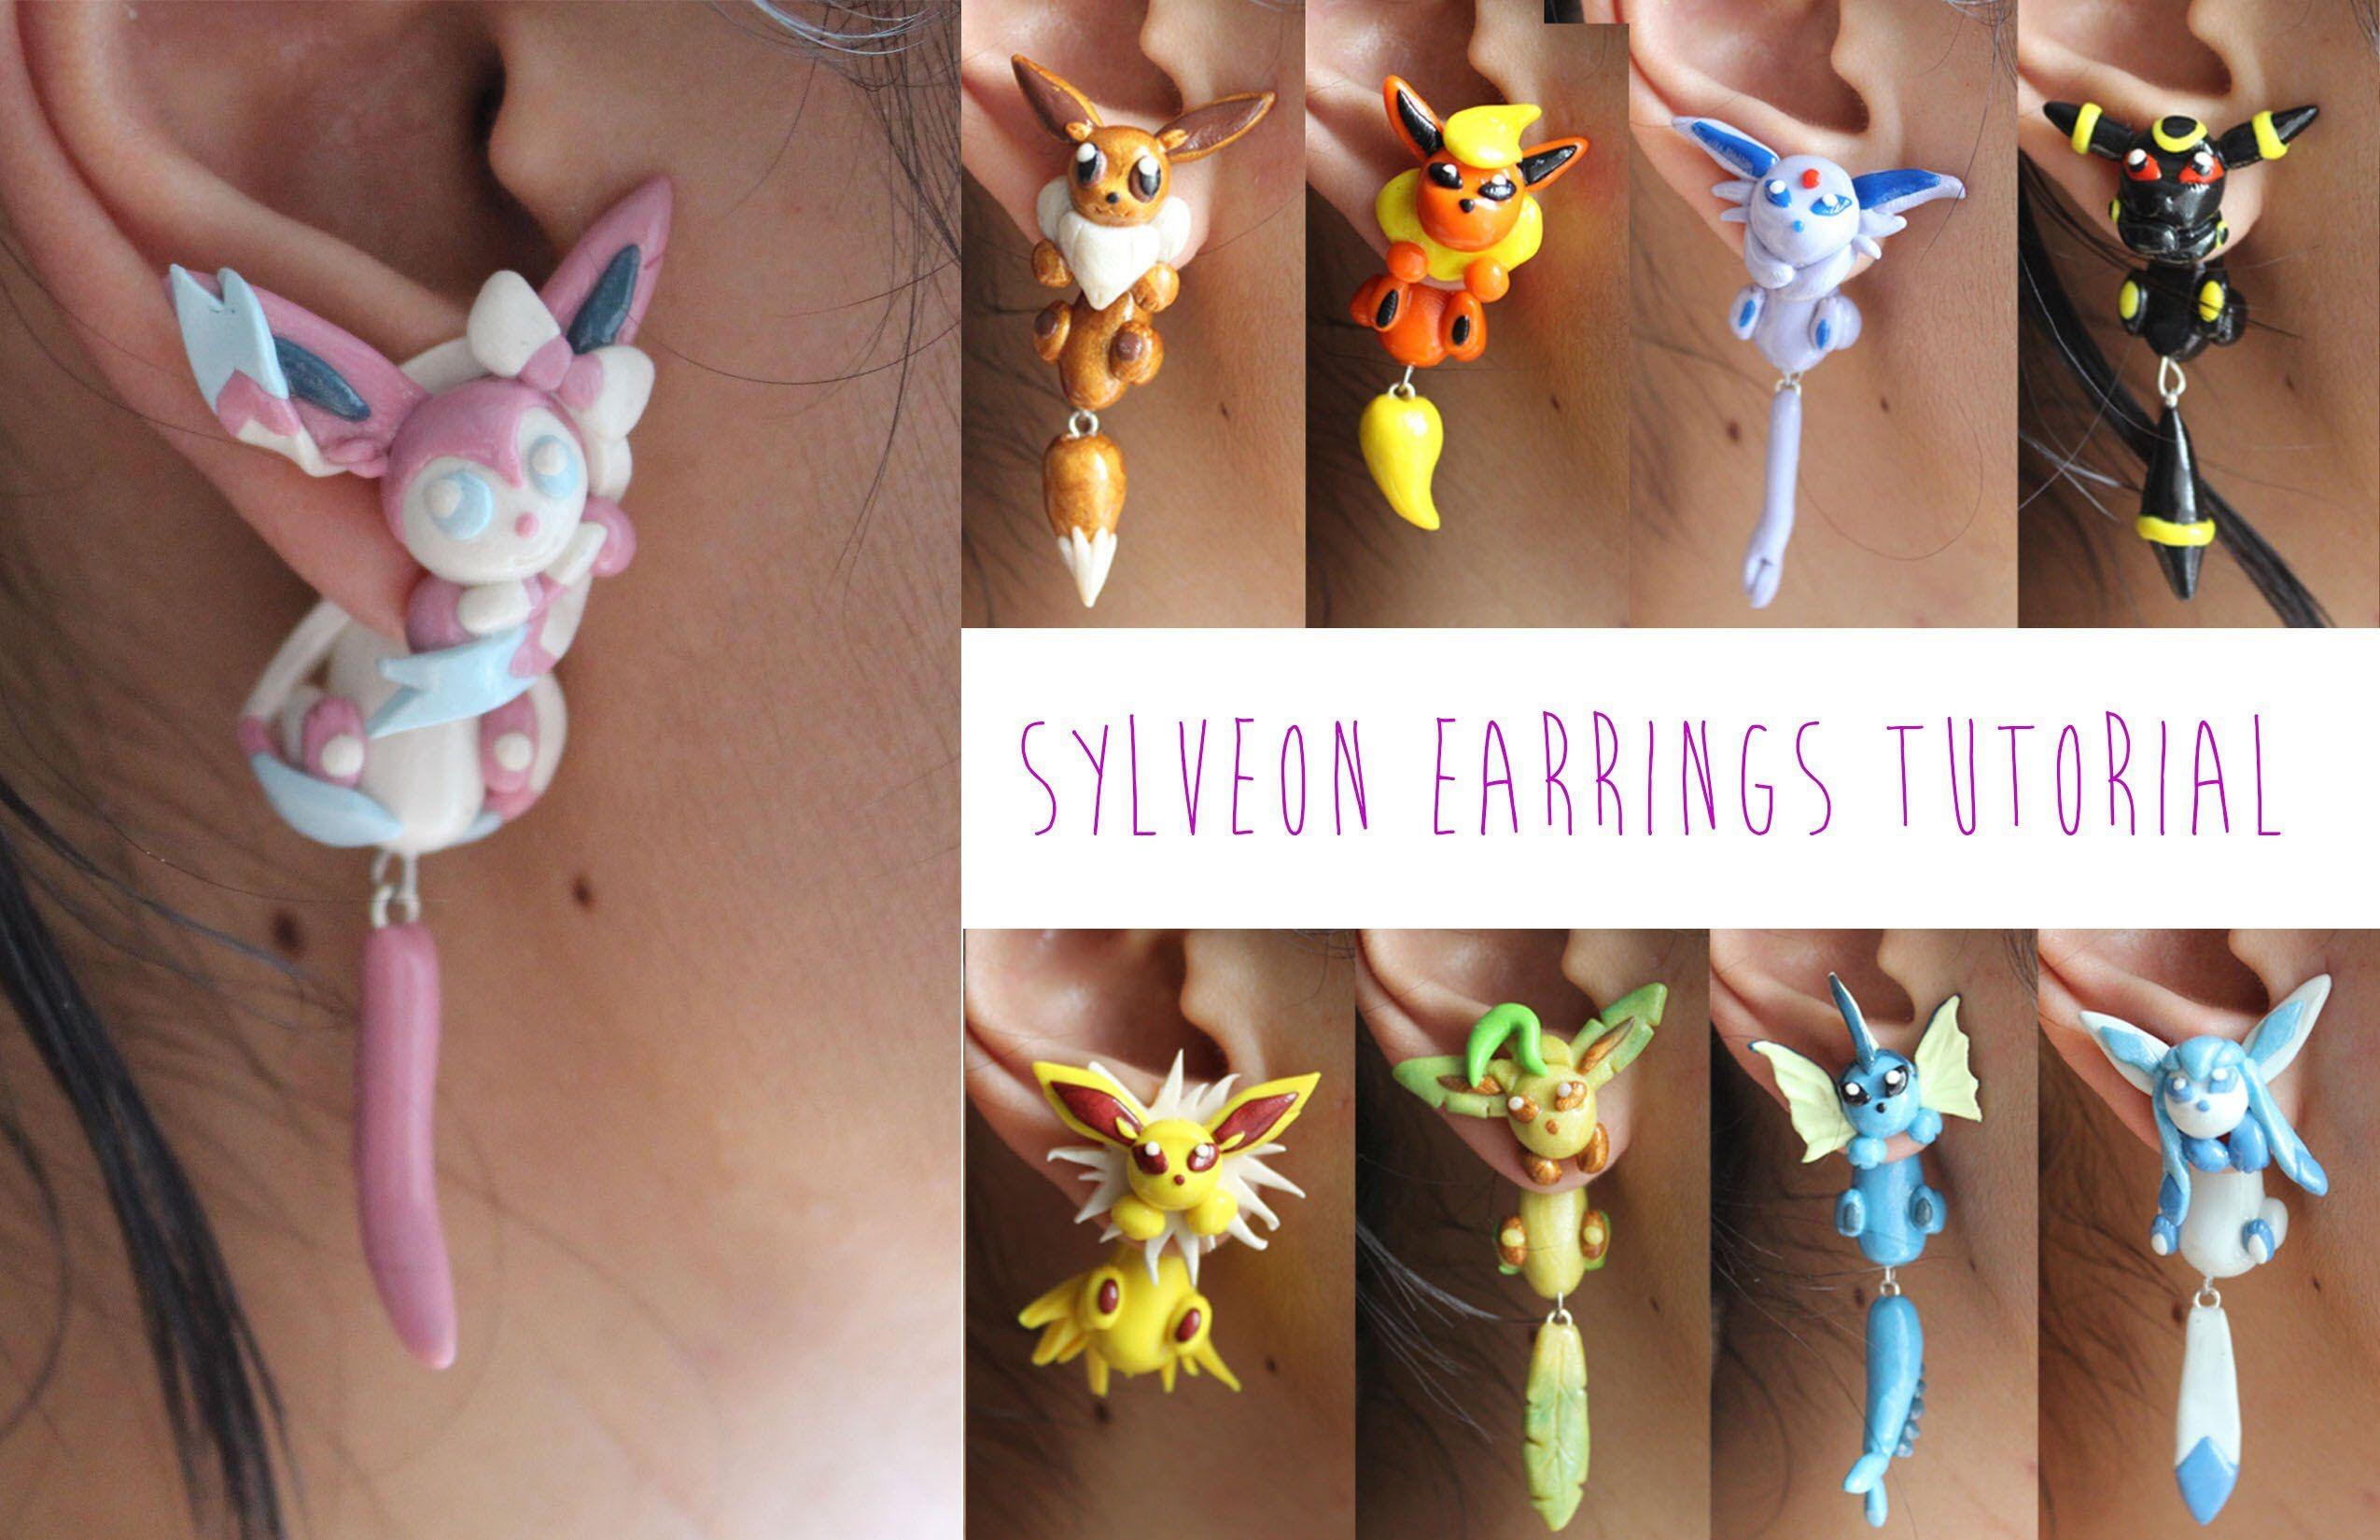 Pokemon earrings!